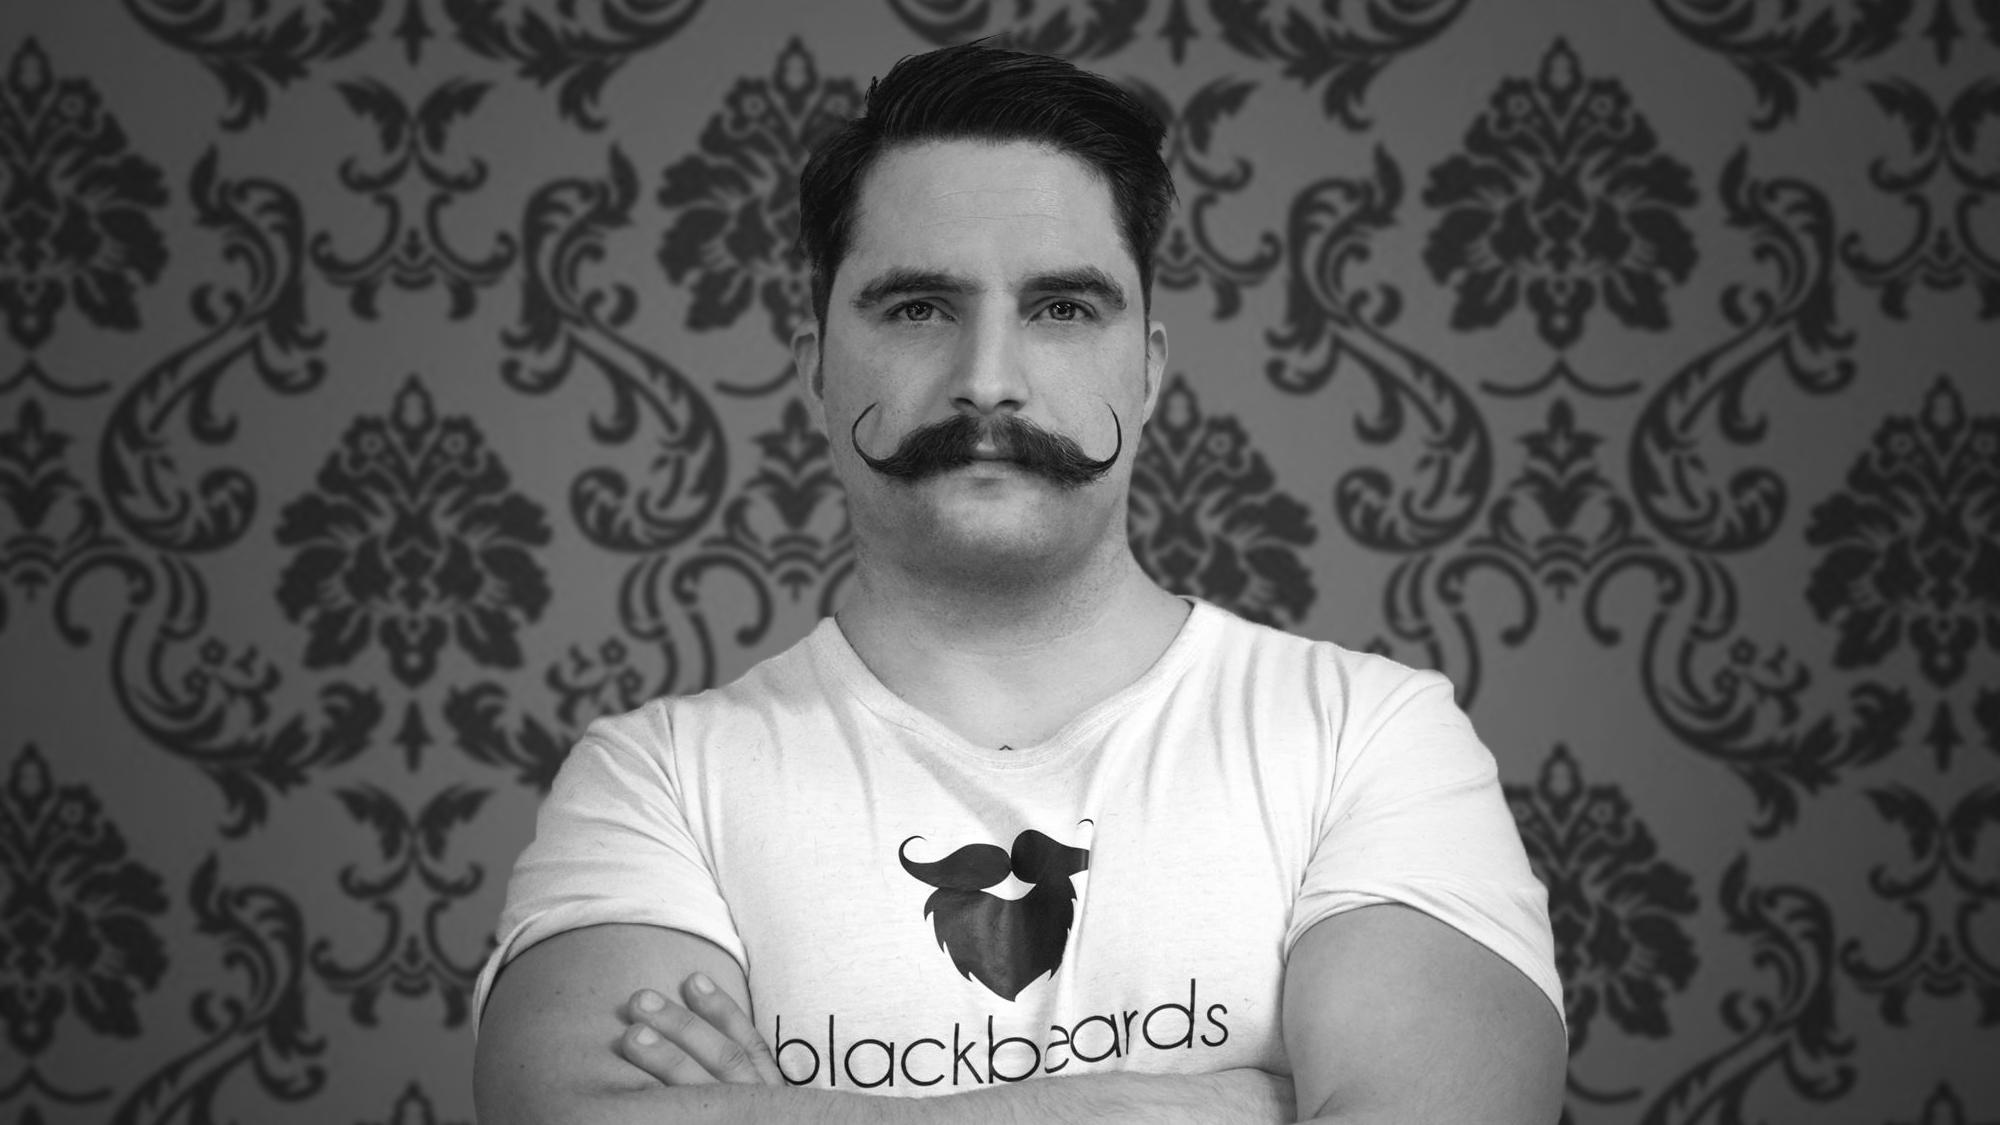 Ein Oberlippenbart, ein Schnauzer, ein Moustache. Richtig getragen macht er wirklich was her.